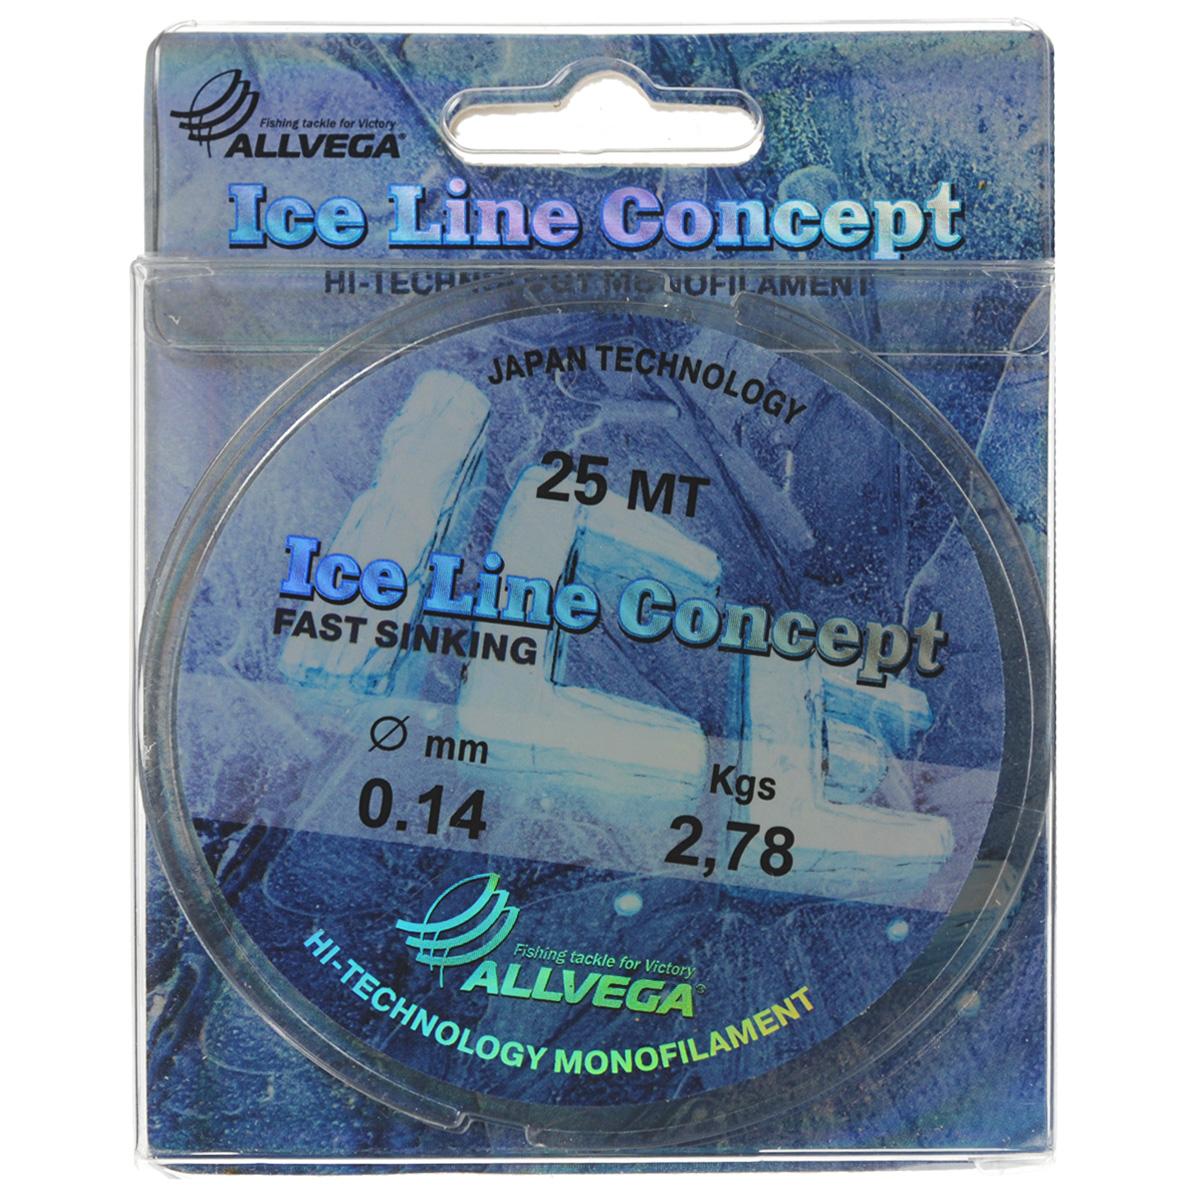 Леска Allvega Ice Line Concept, сечение 0,14 мм, длина 25 м36164Специальная зимняя леска Allvega Ice Line Concept для низких температур. Прозрачная и высокопрочная. Отсутствие механической памяти, позволяет с успехом использовать ее для ловли на мормышку.